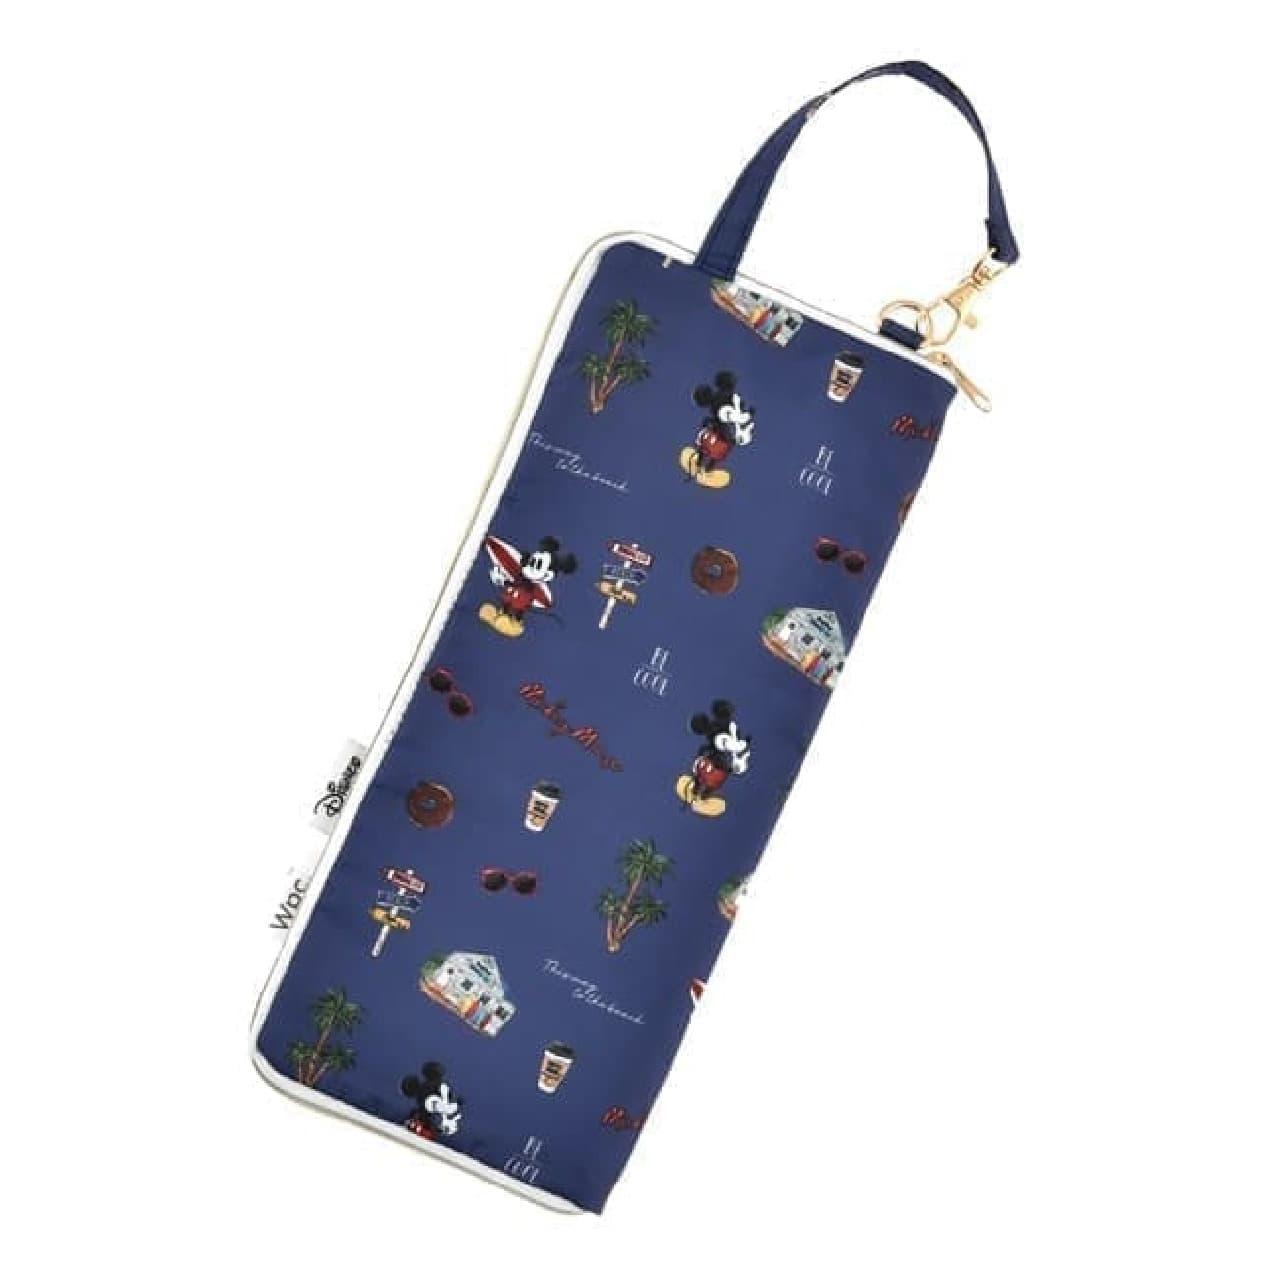 ディズニーストアから可愛いレイングッズ! -- 人気ブランドとコラボした傘やポンチョも